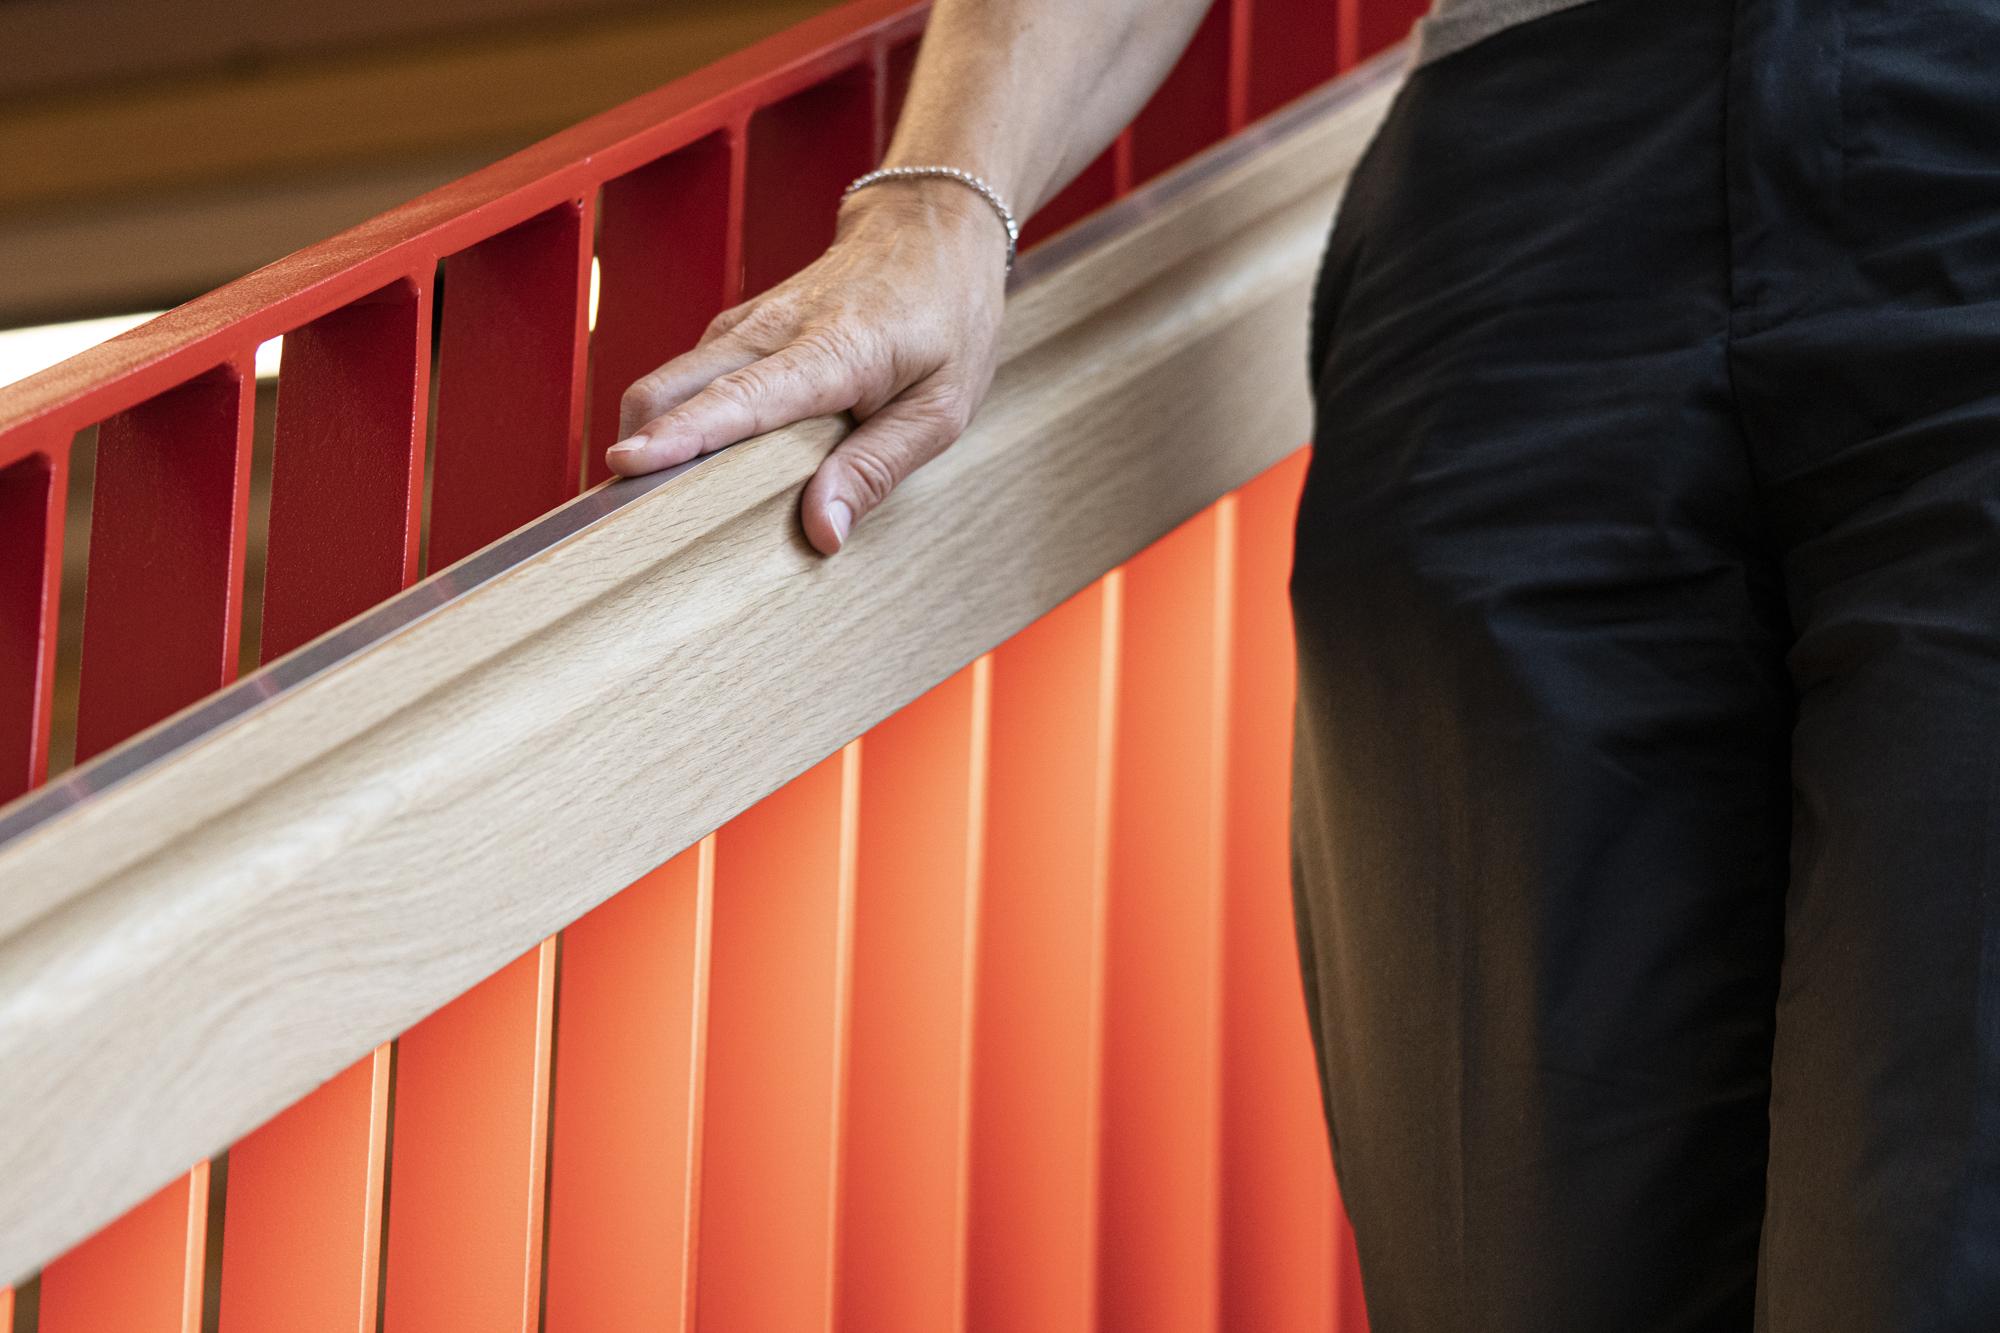 <p>Zodra de trapleuning wordt aangeraakt gaat de verlichting in de leuning aan. Dit stimuleert veilig en actief gebruik van de trap &#8211; foto Frank Hanswijk</p>